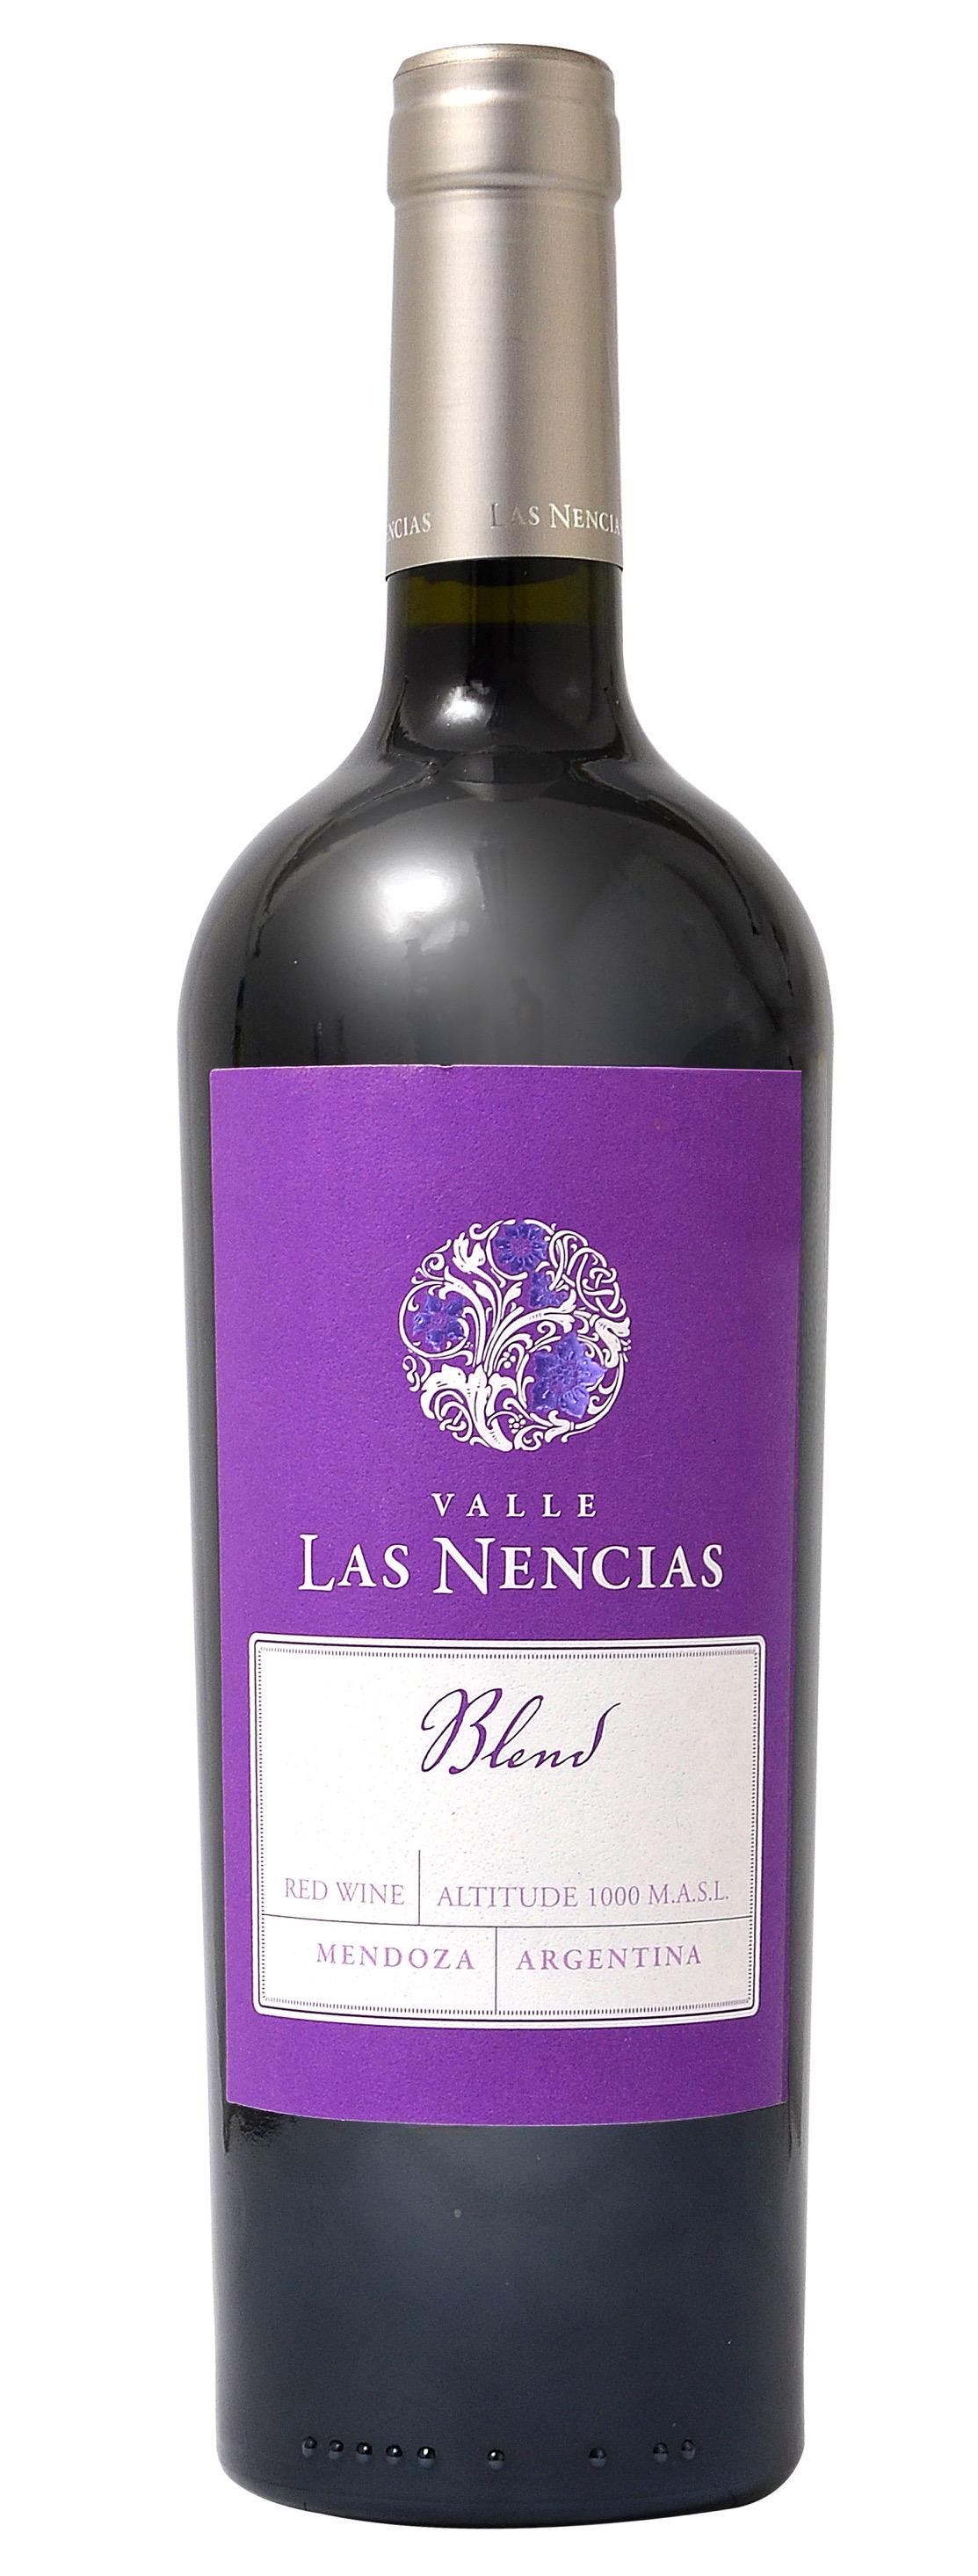 Valle Las Nencias Reserva Blend 2013